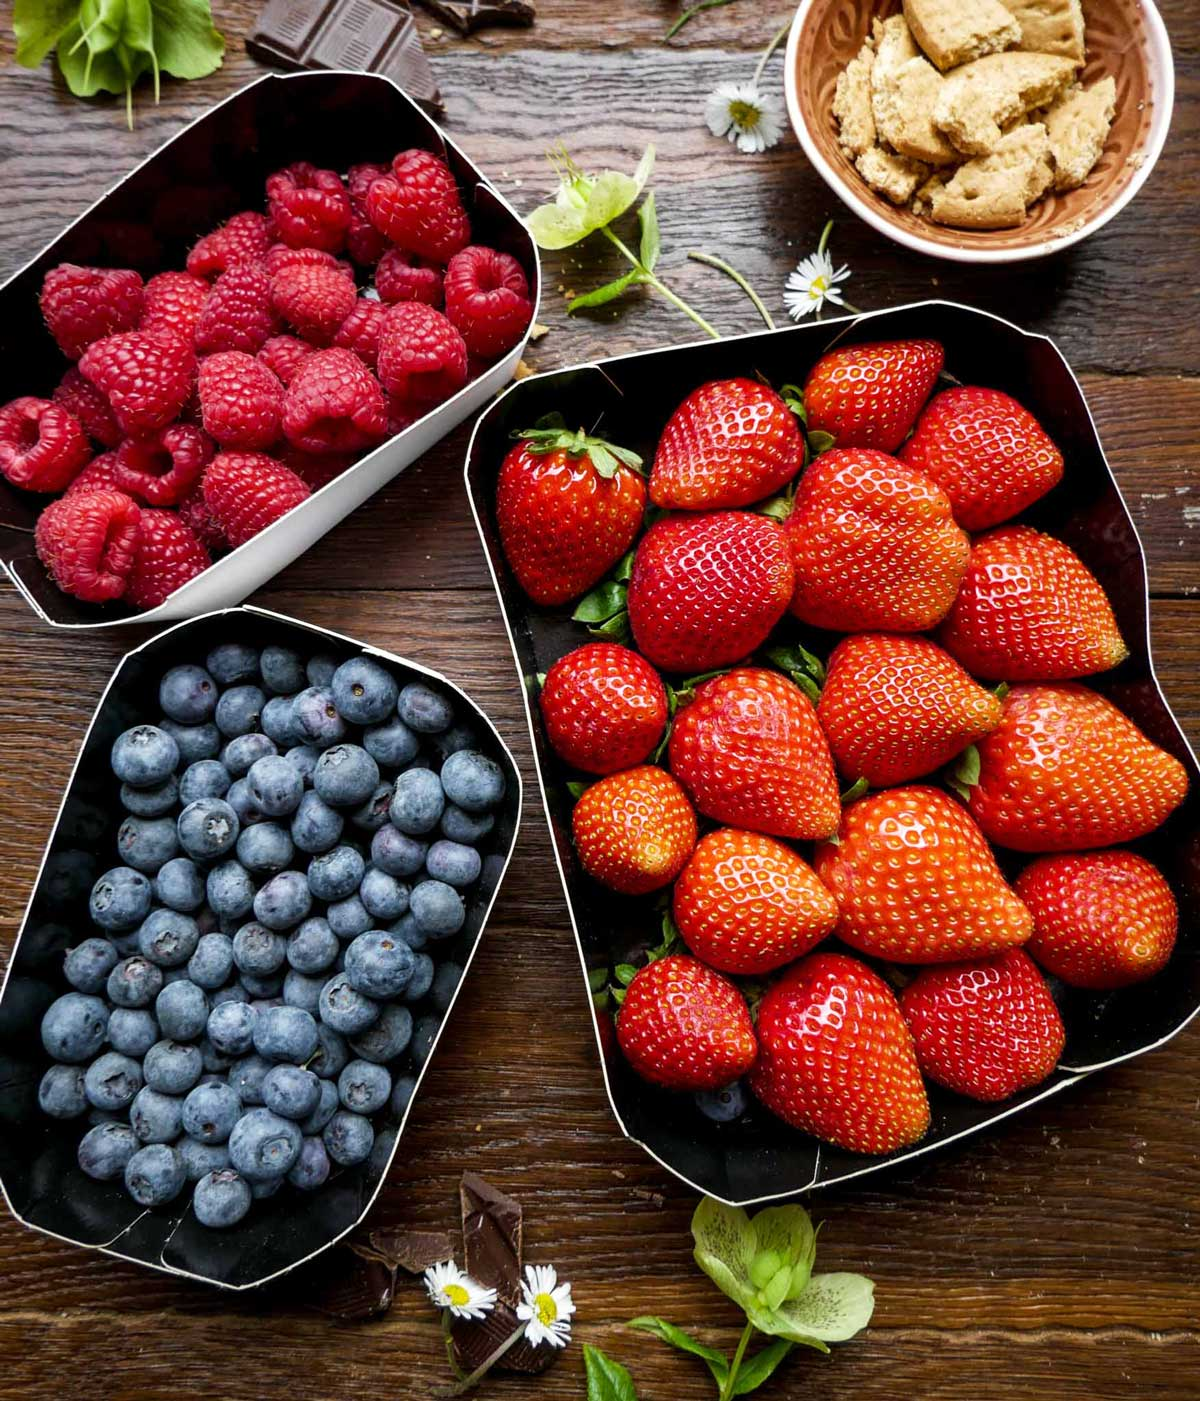 jordbær, hindbær og blåbær til dessert